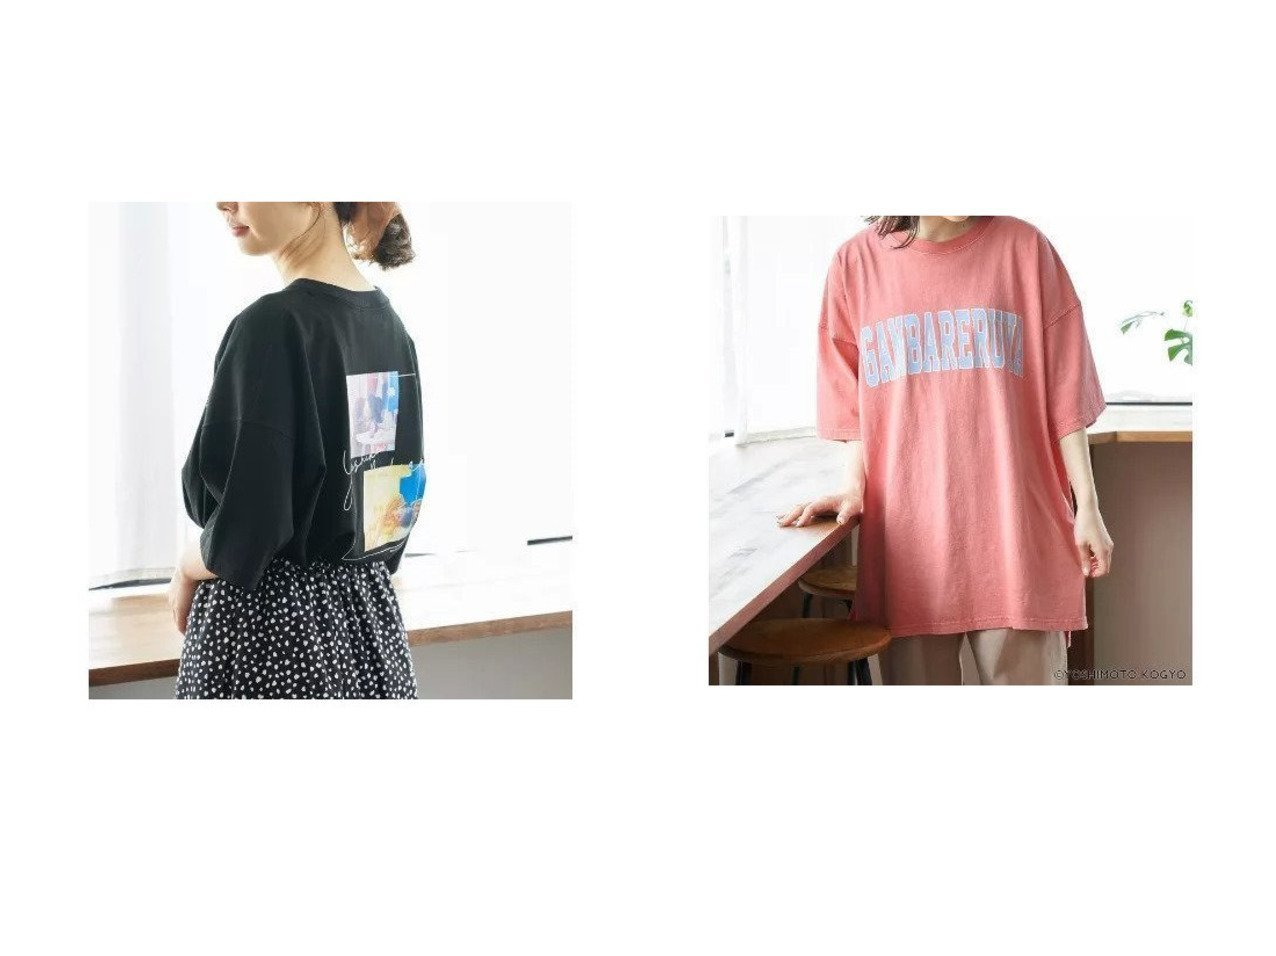 【ROPE' PICNIC/ロペピクニック】の【ガンバレルーヤ ROPE PICNIC】Photo Tシャツ&【ガンバレルーヤ ROPE PICNIC】カレッジロゴBIG Tシャツ 【プチプライス・低価格】おすすめ!人気、トレンド・レディースファッションの通販 おすすめで人気の流行・トレンド、ファッションの通販商品 インテリア・家具・メンズファッション・キッズファッション・レディースファッション・服の通販 founy(ファニー) https://founy.com/ ファッション Fashion レディースファッション WOMEN トップス・カットソー Tops/Tshirt シャツ/ブラウス Shirts/Blouses ロング / Tシャツ T-Shirts カットソー Cut and Sewn イエロー インナー カットソー キャップ コンビ 人気 フロント プリント ボトム 半袖 メンズ ロング おすすめ Recommend  ID:crp329100000060376